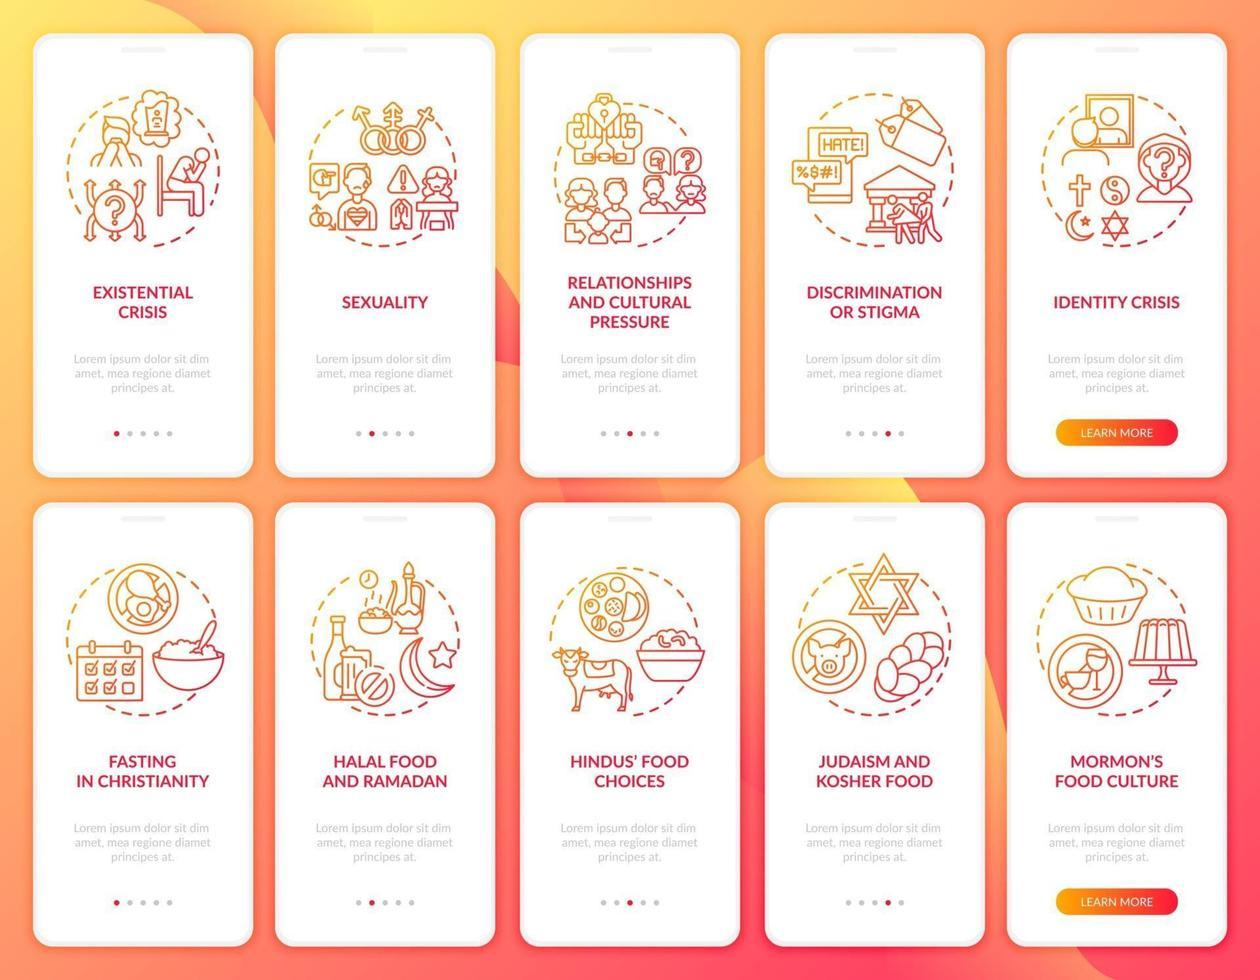 tela vermelha da página do aplicativo móvel de integração das religiões mundiais com o conjunto de conceitos vetor